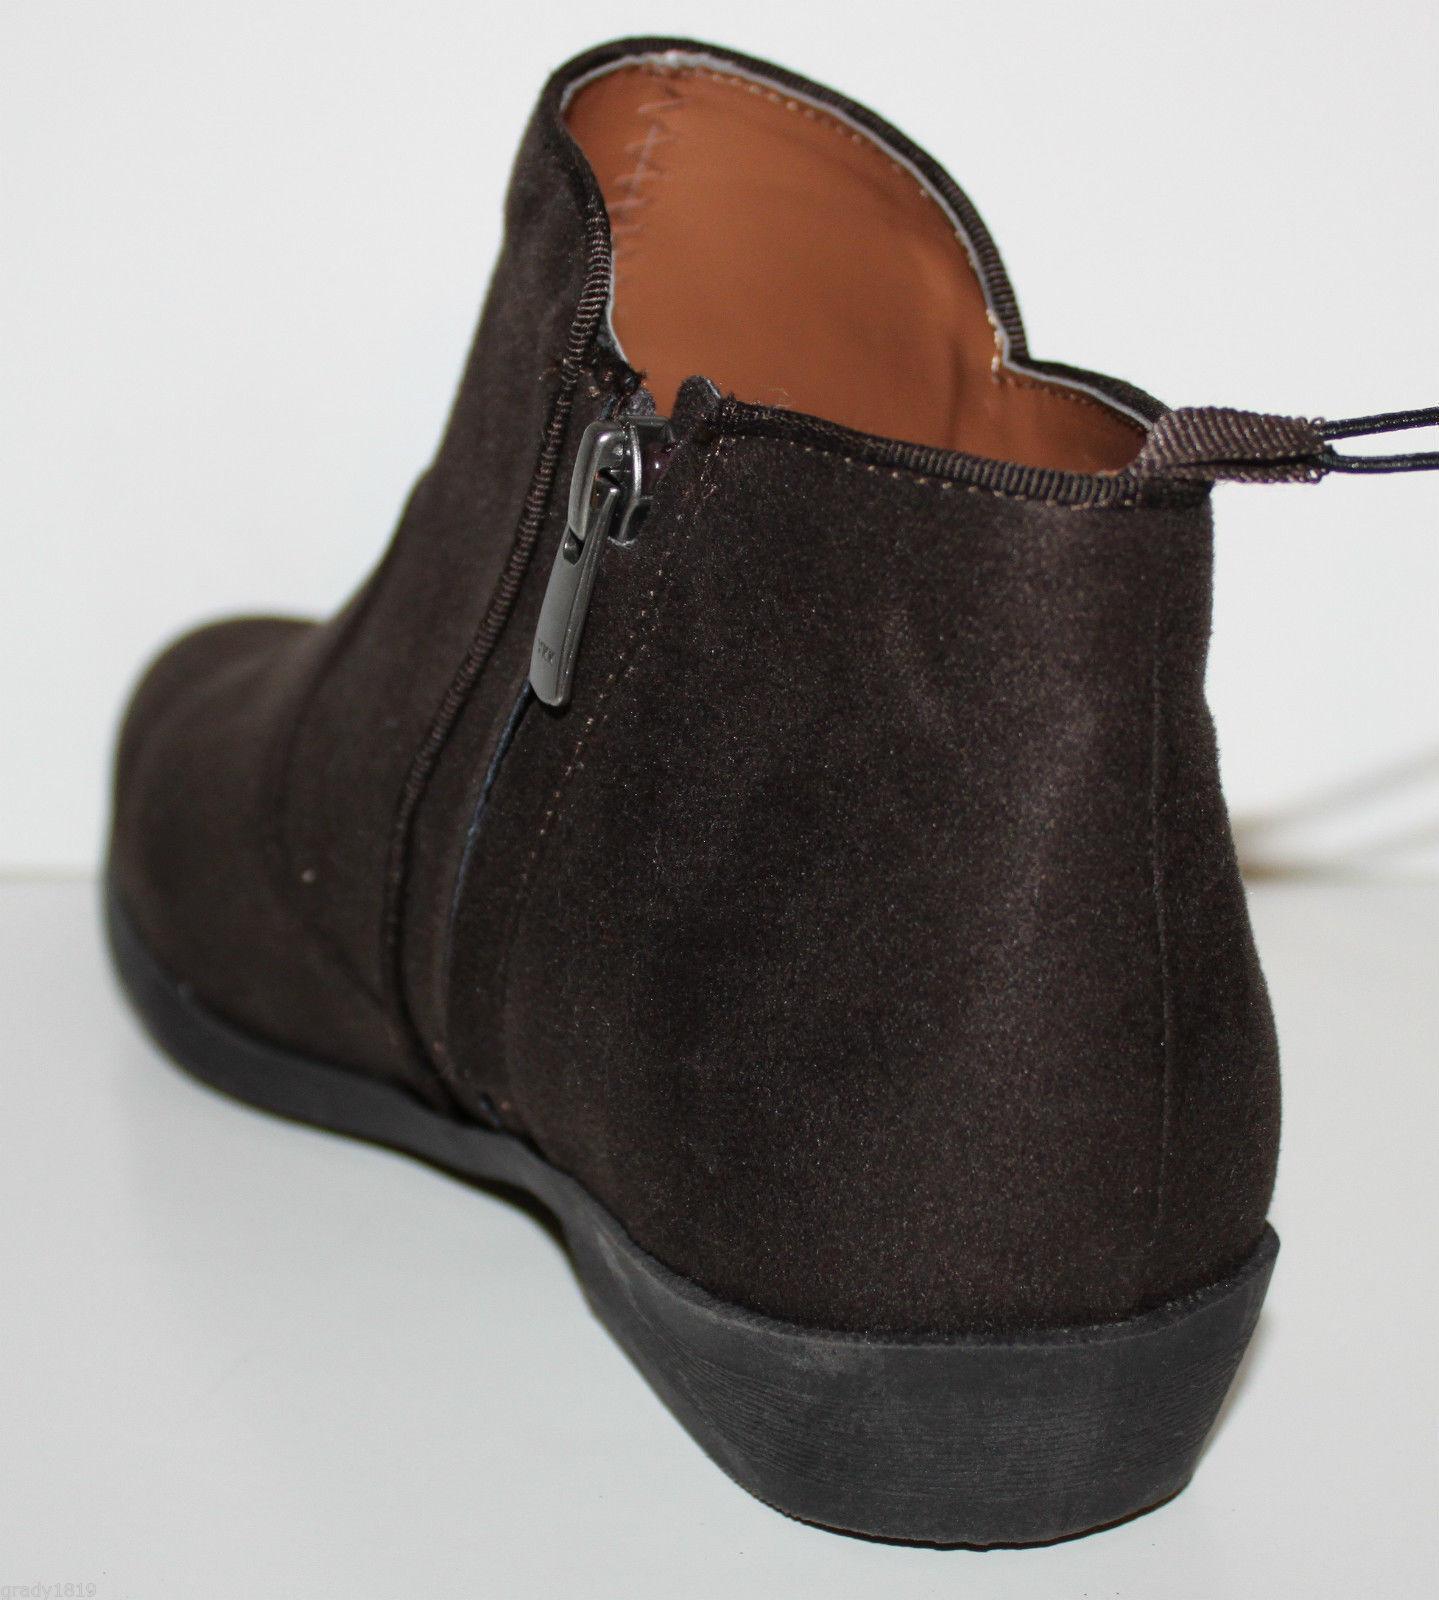 Gap Nuevo Con Etiquetas Para Mujer 8 Botas al Botines tobillo Botines al pelo marrón oscuro con cremallera de imitación de gamuza Pantorrilla 6ac60f